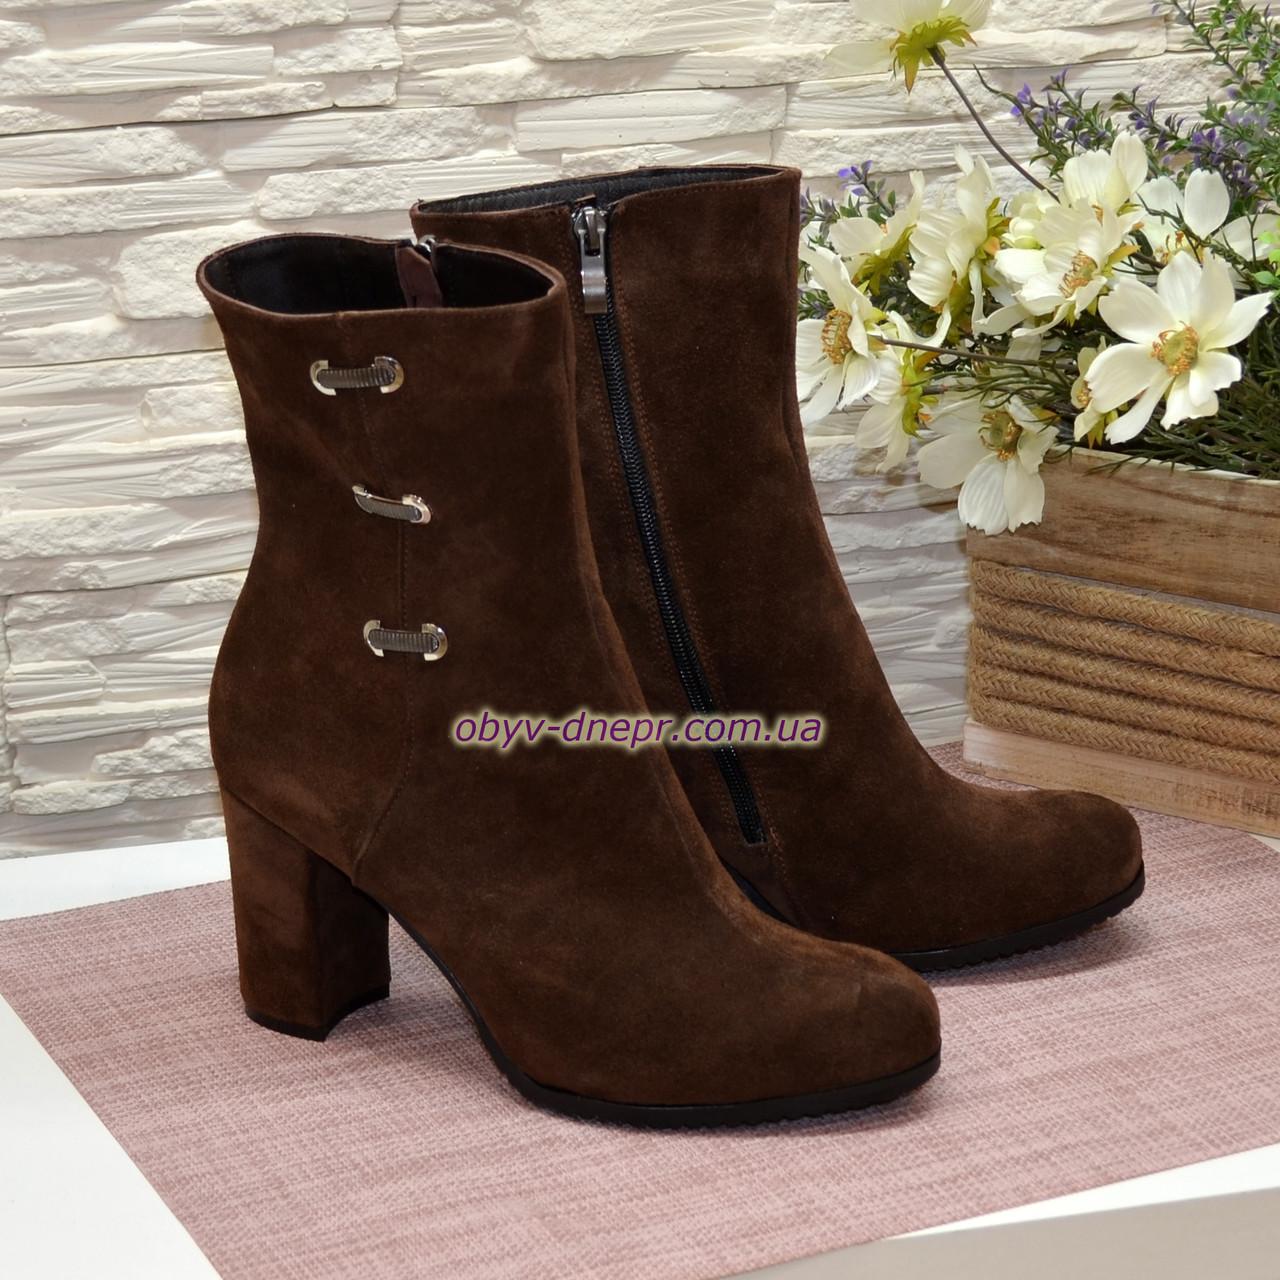 Ботинки   замшевые на высоком устойчивом каблуке, цвет коричневый